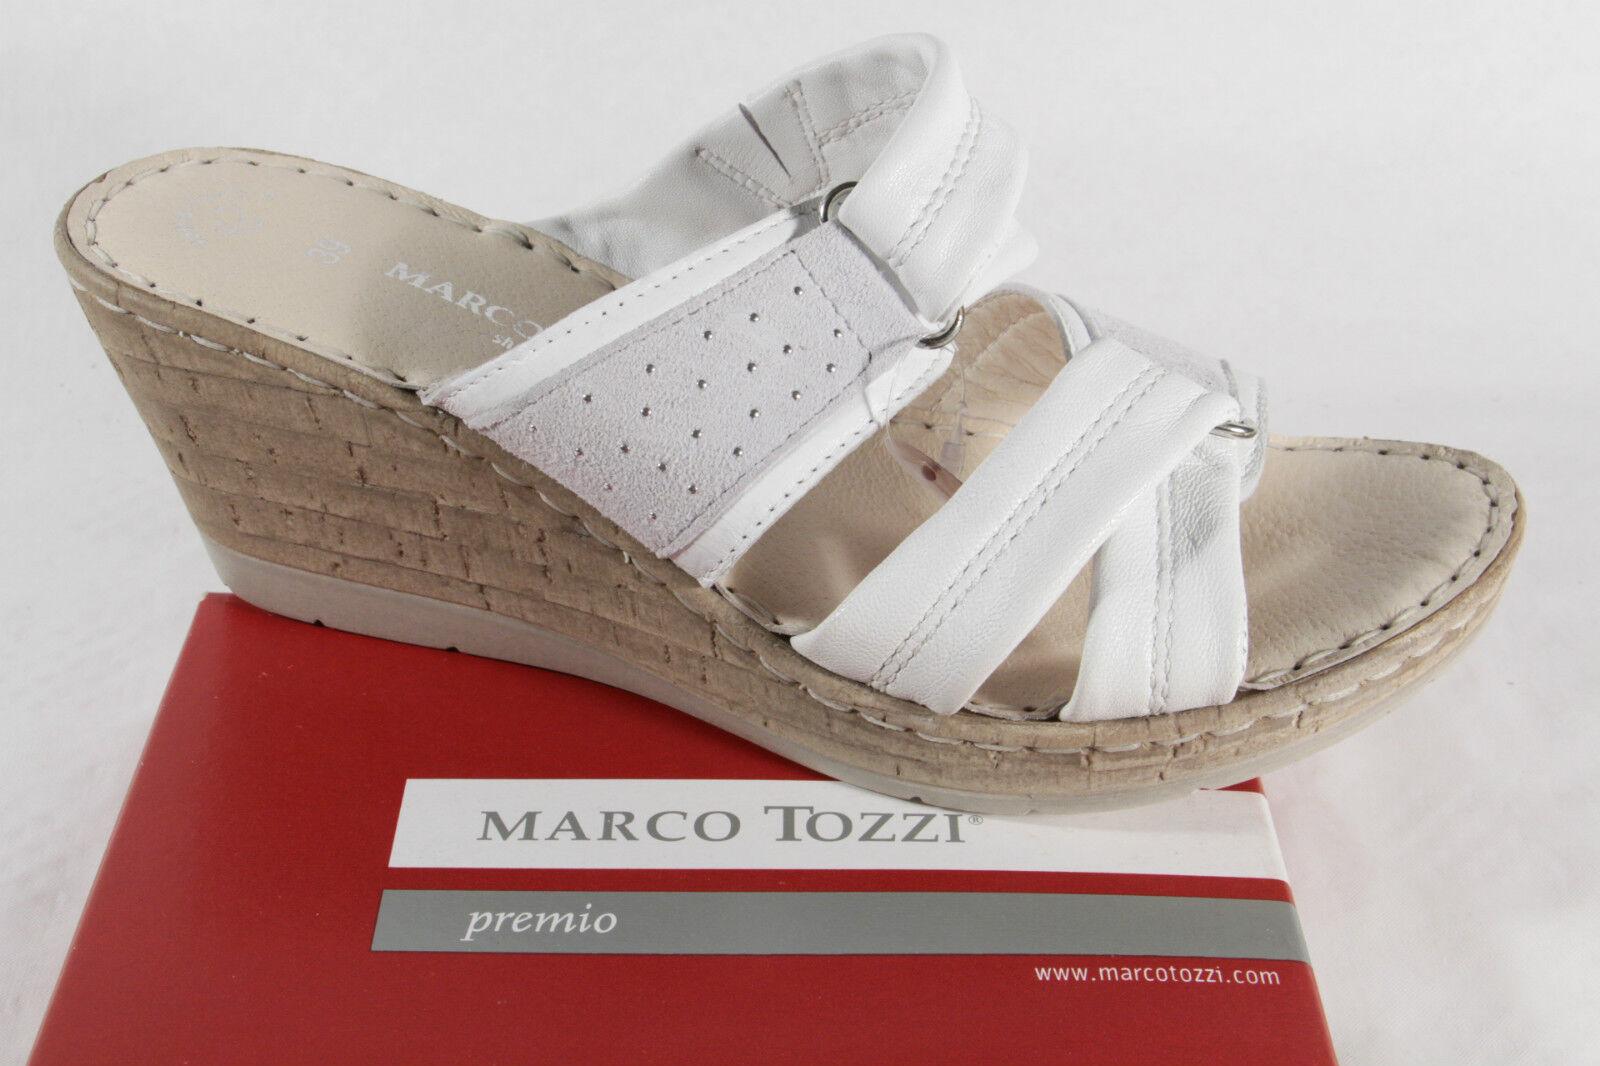 Marco Tozzi Sandali, bianco, interna in pelle morbida suola interna bianco, NUOVO! ff602a